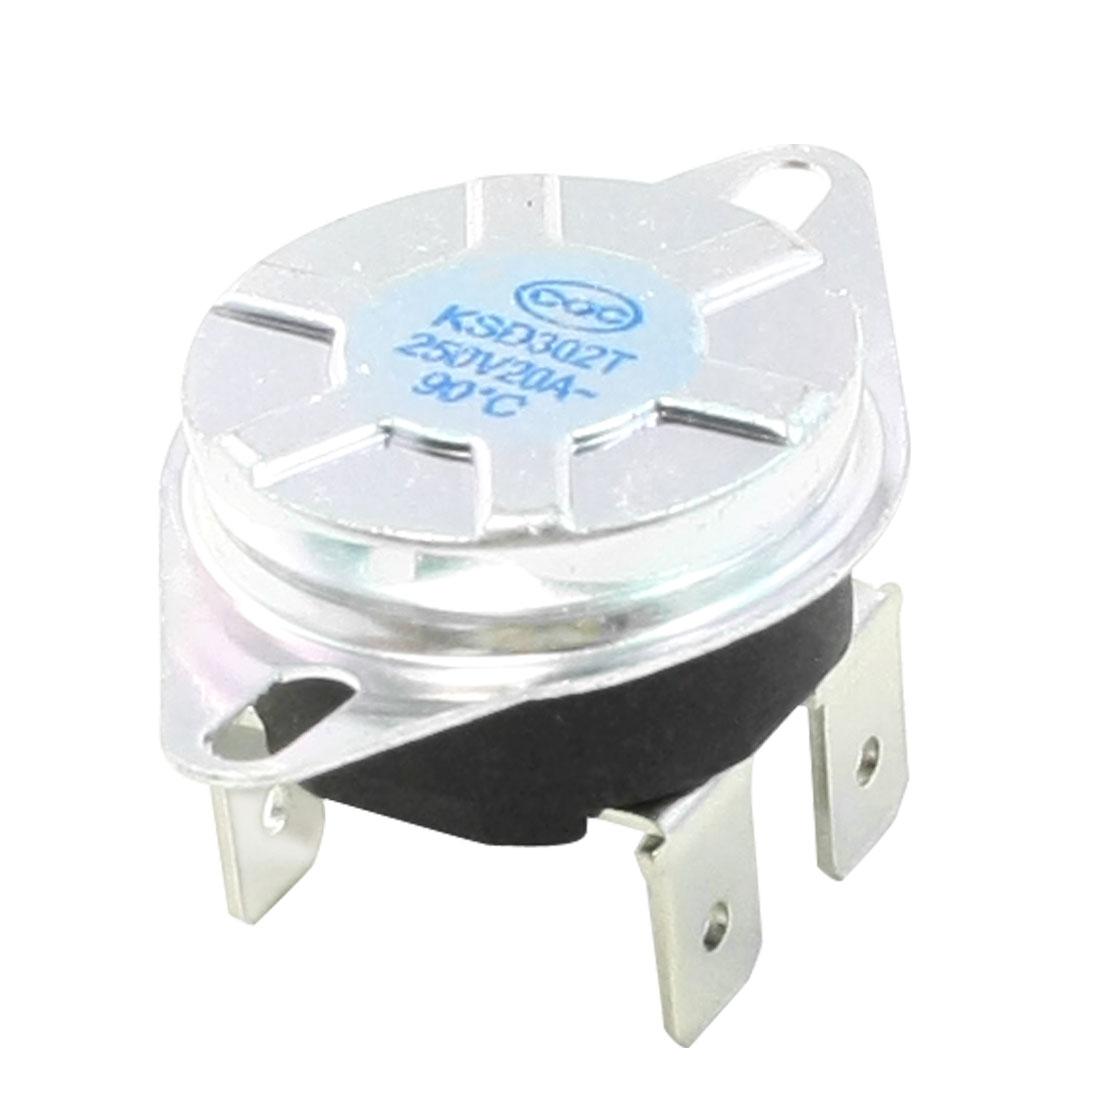 250V AC 20A 90C Celsius N/C Temperature Control Bimetal Thermostat KSD302T